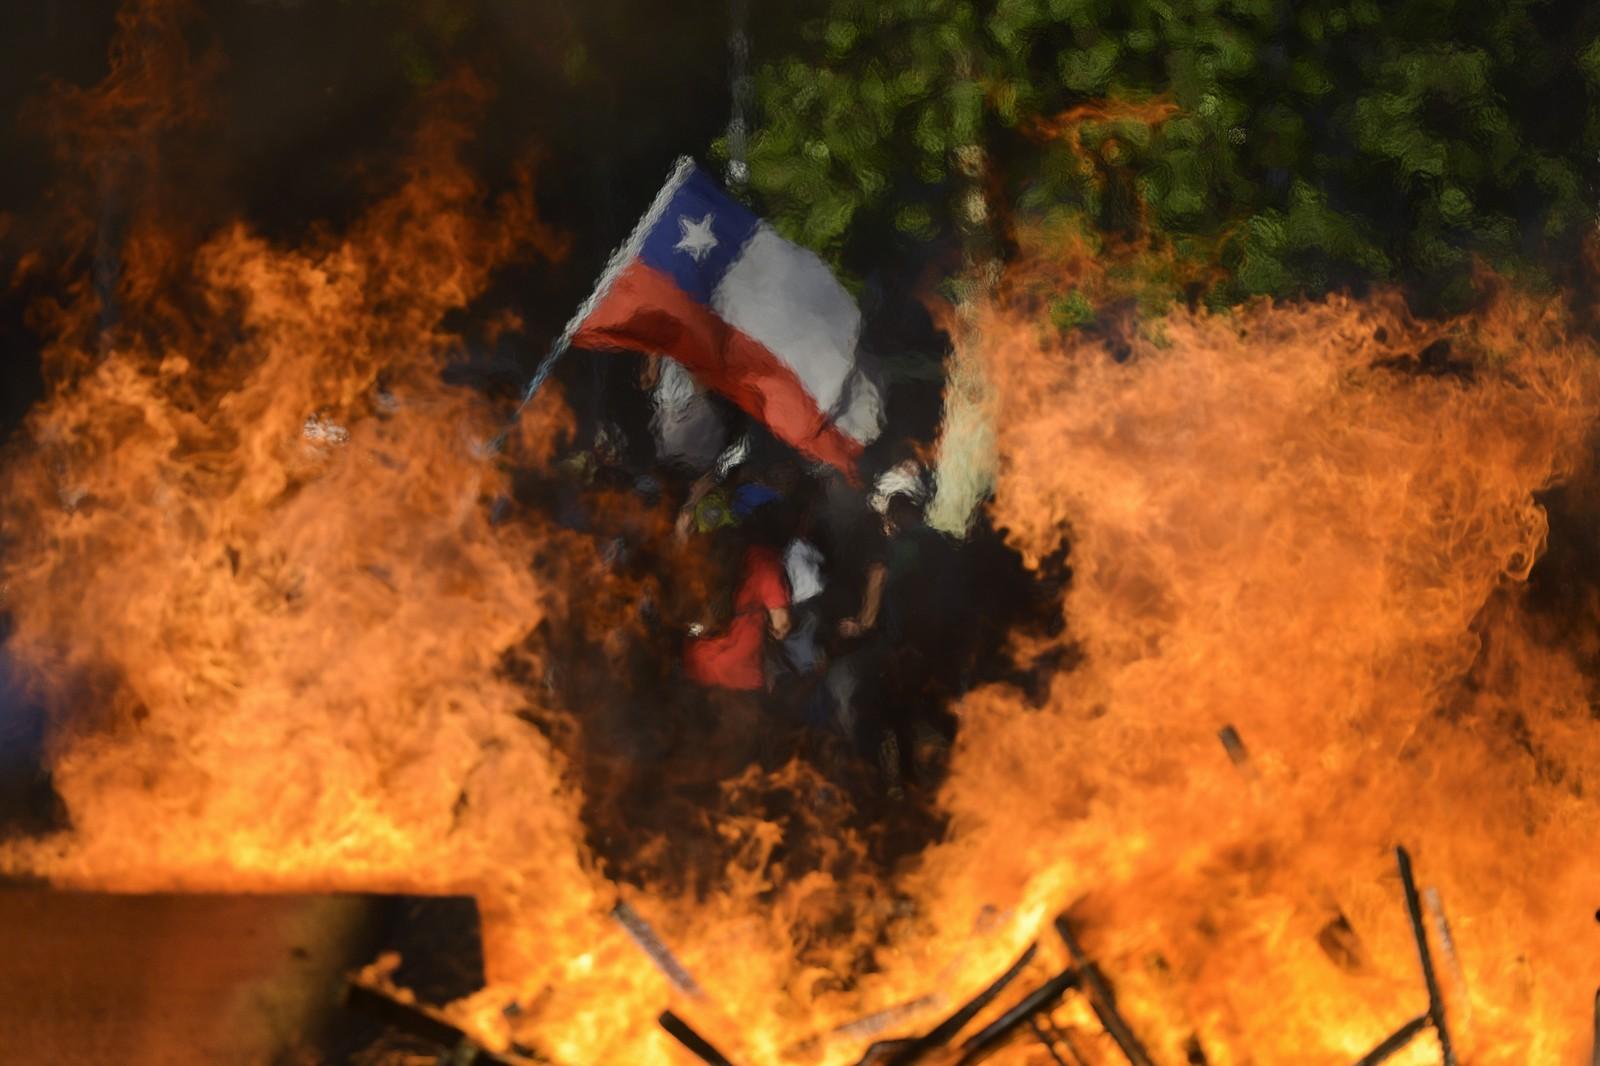 Ministro do Chile admite possível violação de direitos humanos na repressão aos protestos